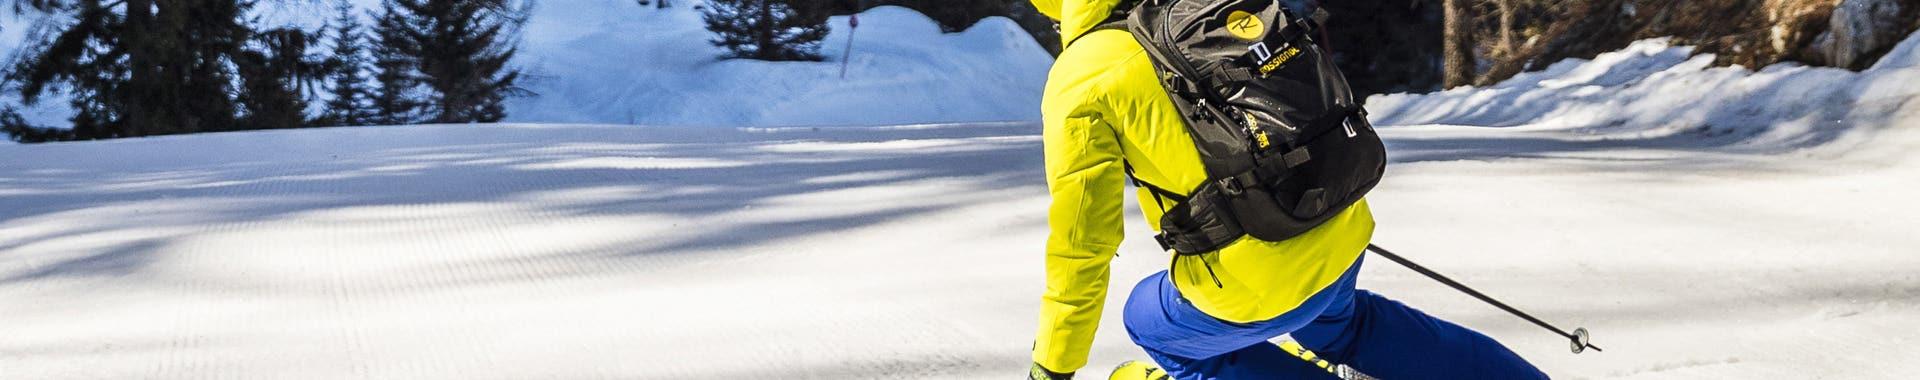 Skischuhtaschen